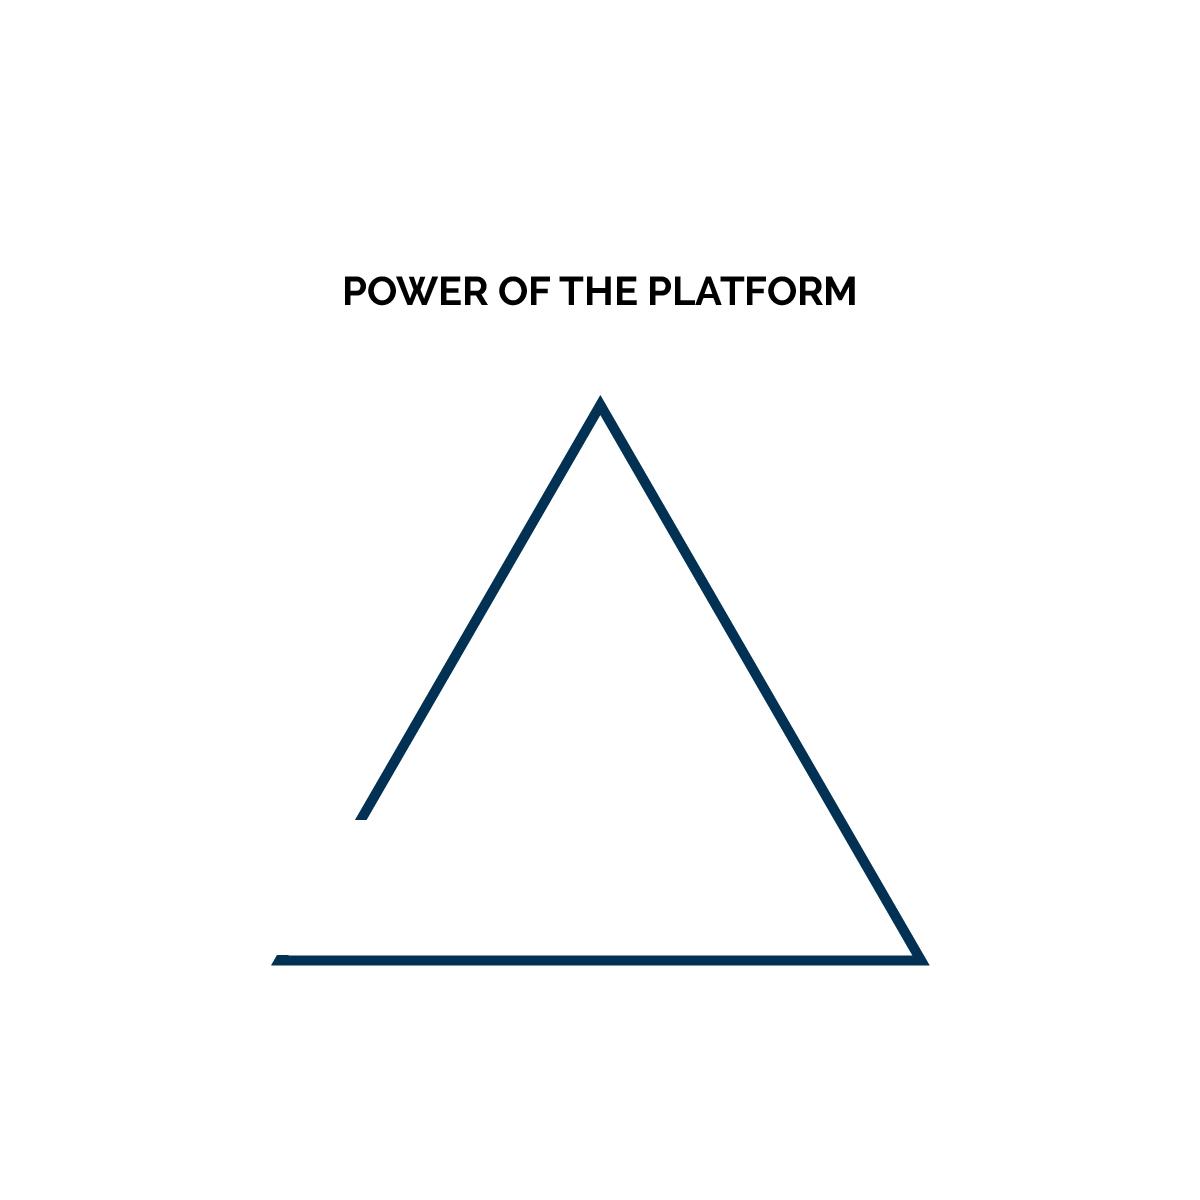 Power of the Platform - FINAL.jpg